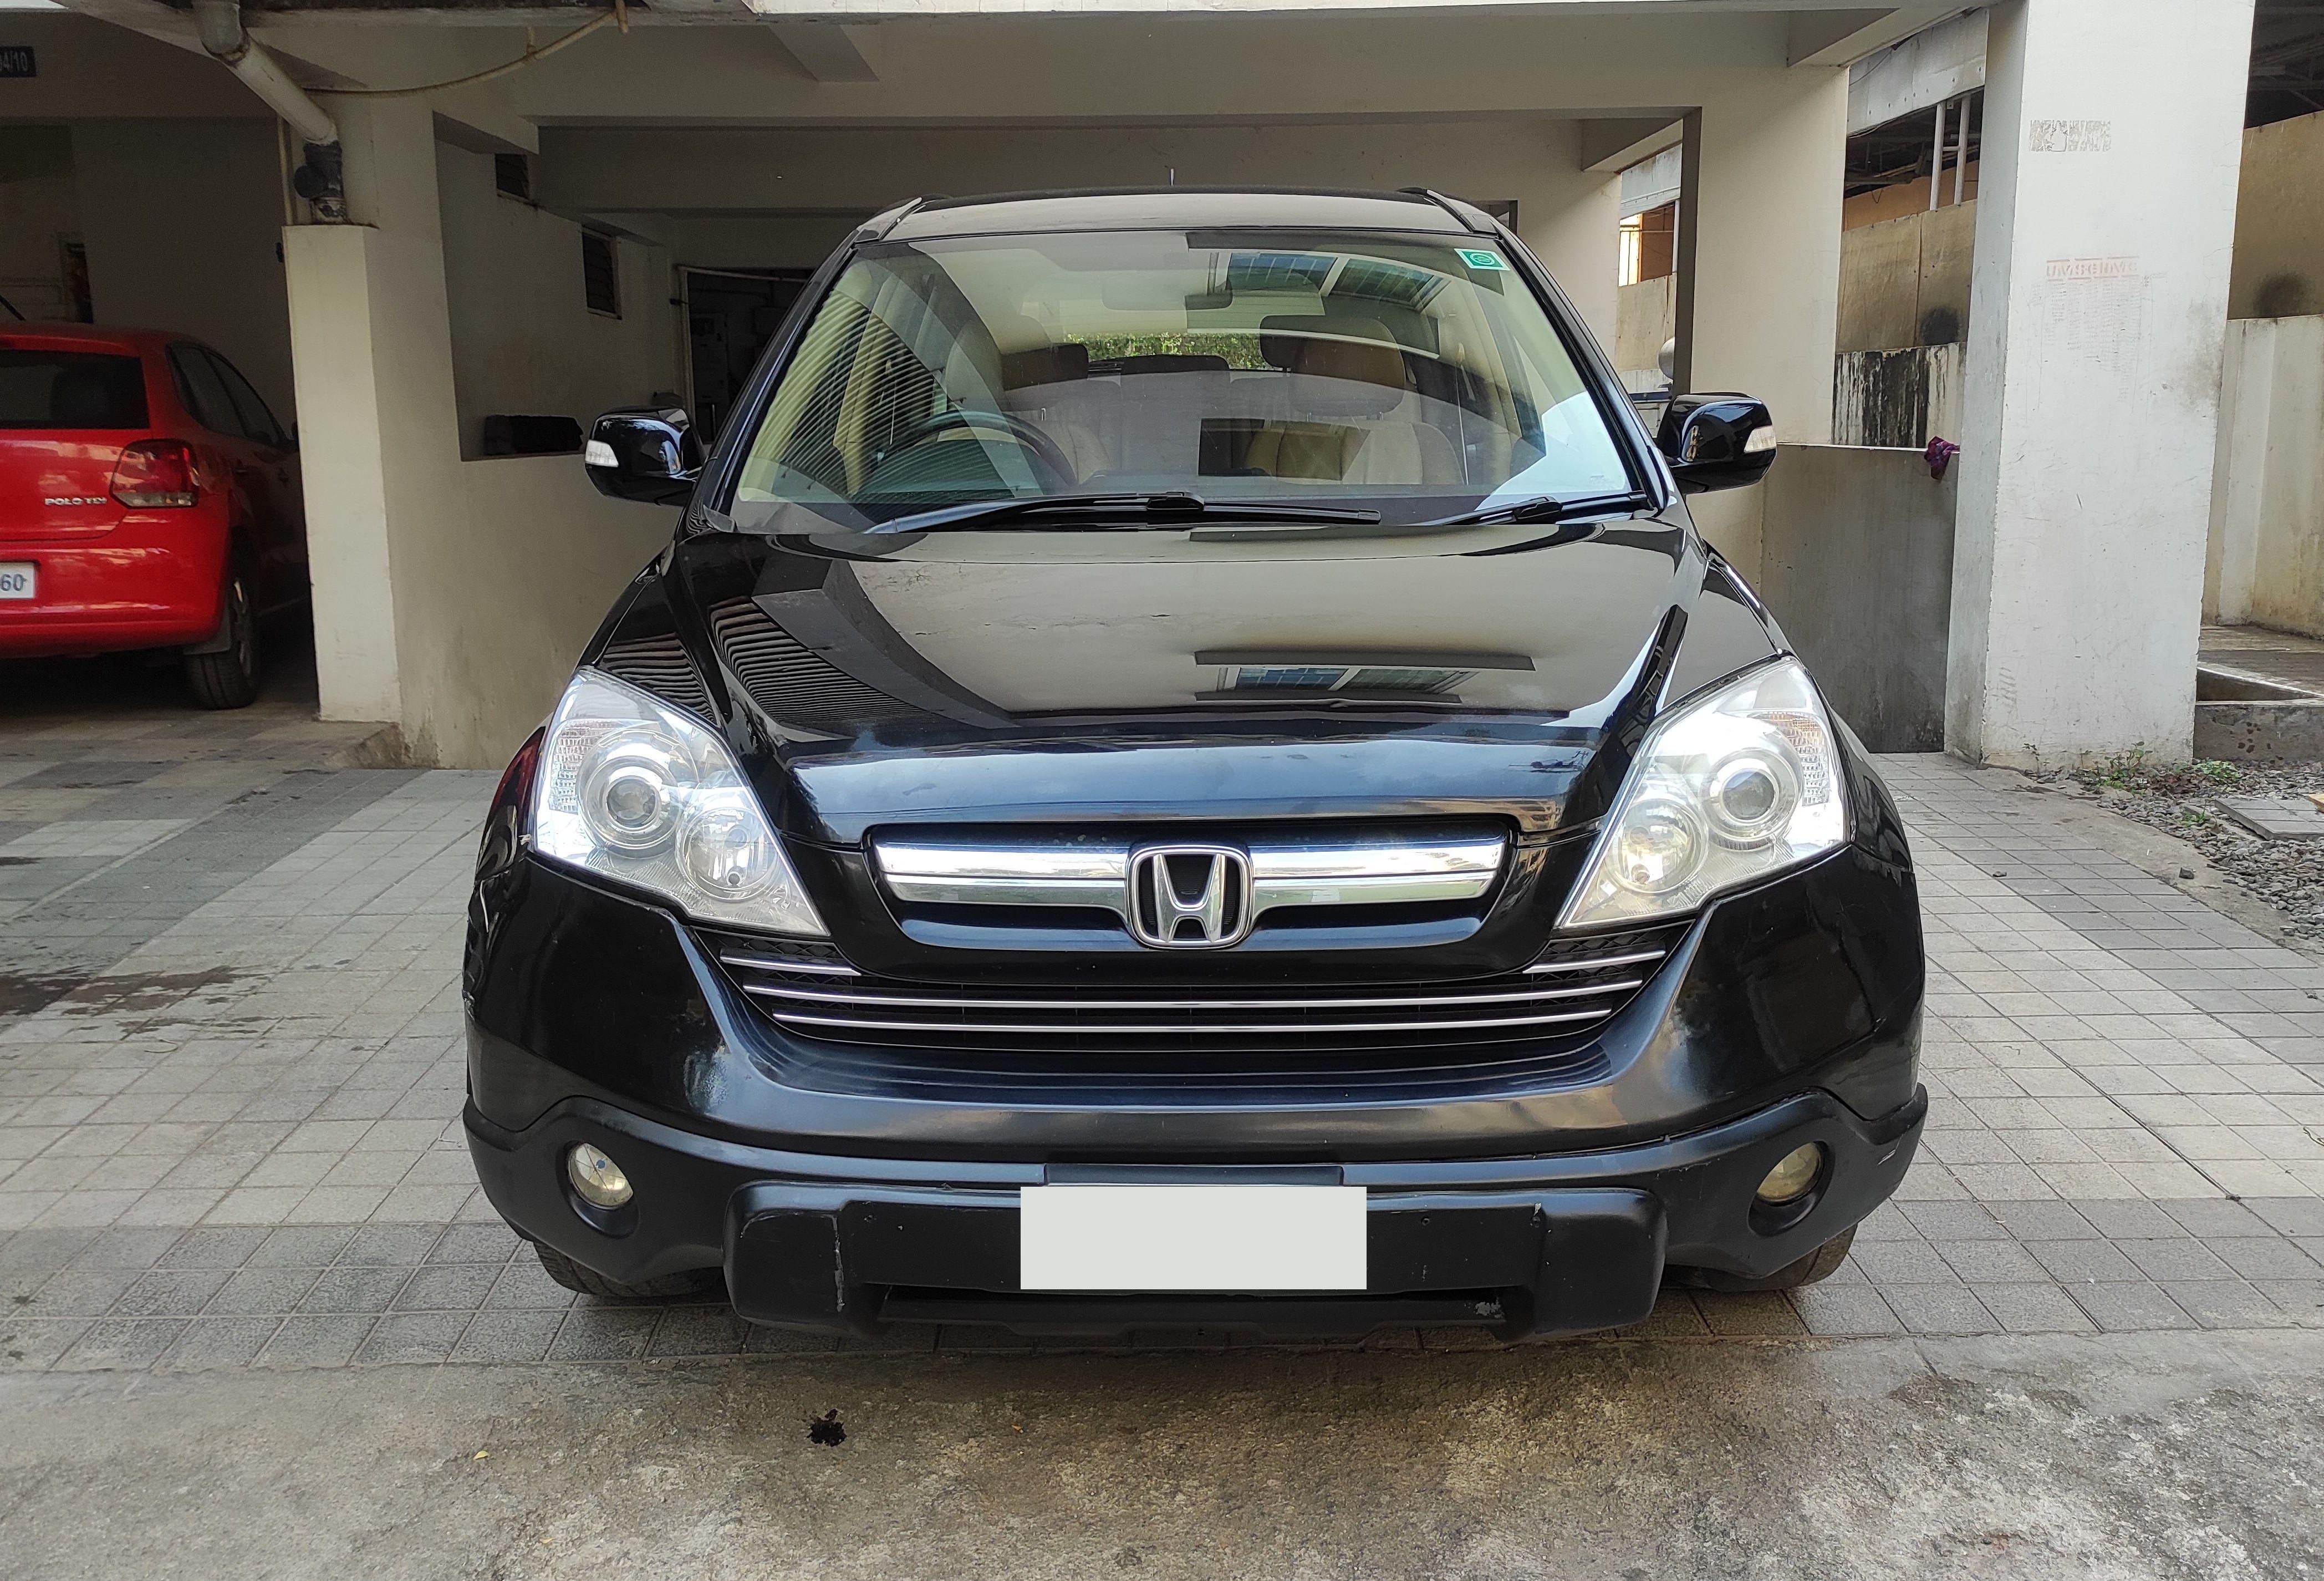 Honda CR-V 2007-2012 2.4 AT